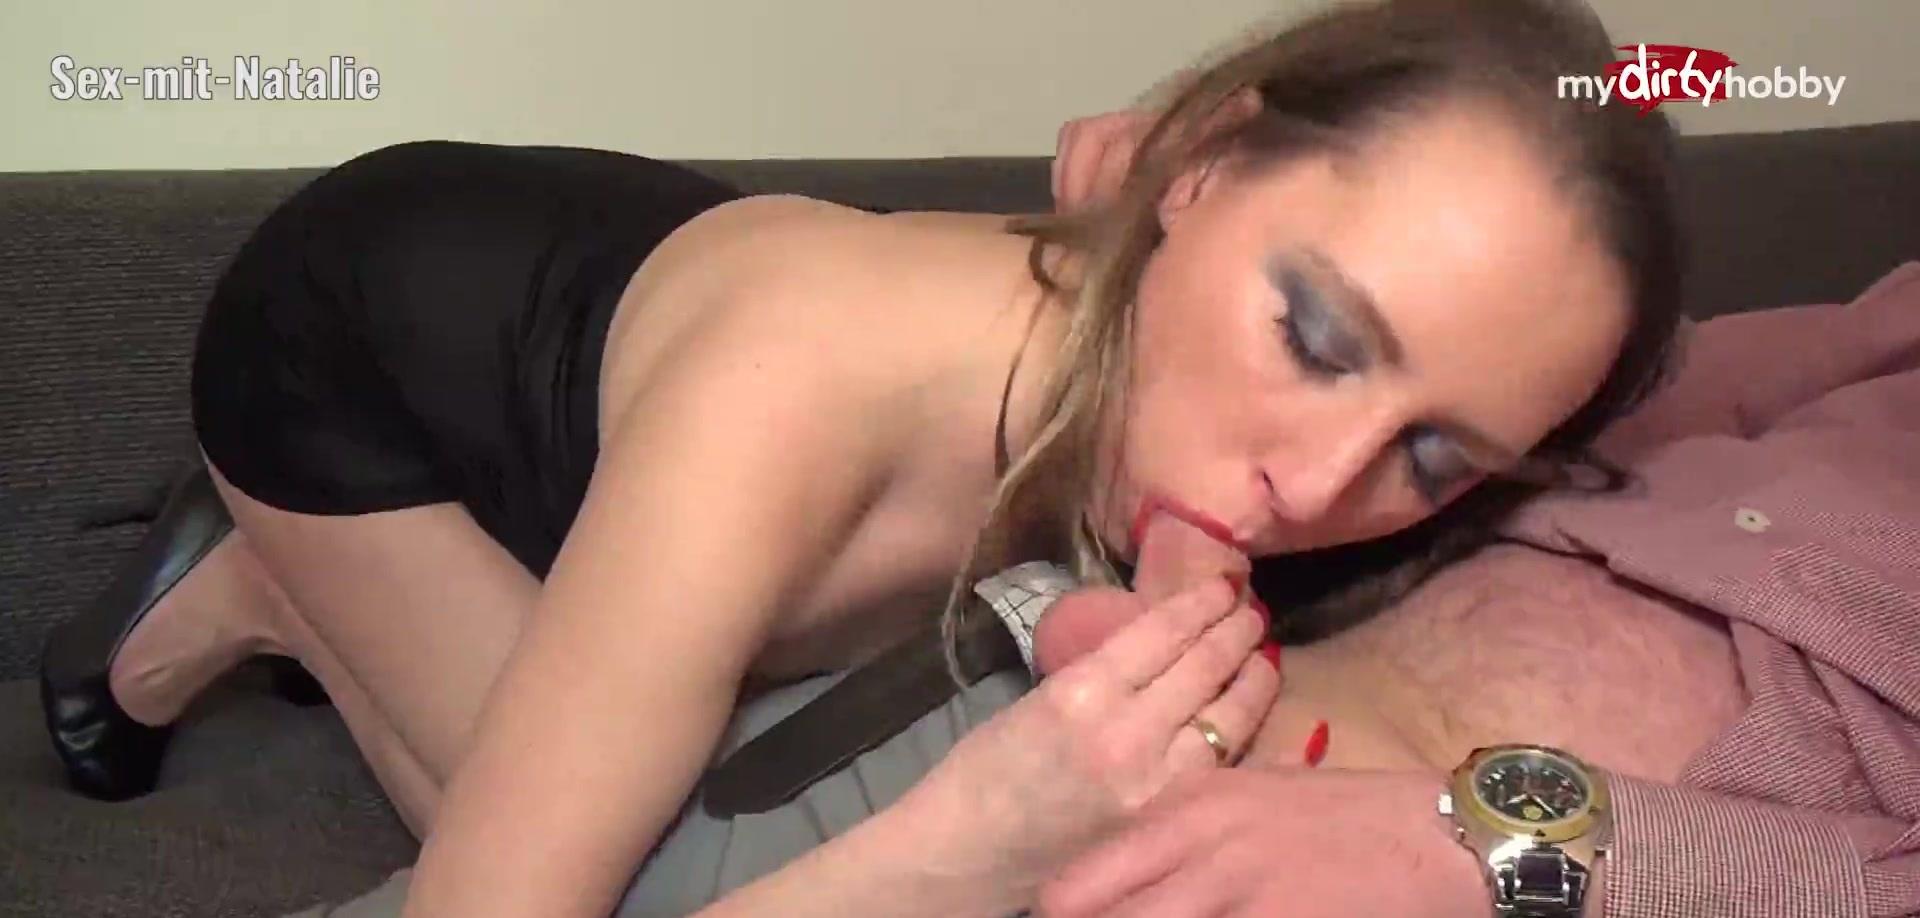 Sex-Mit-Natalie Alterboy geblasen